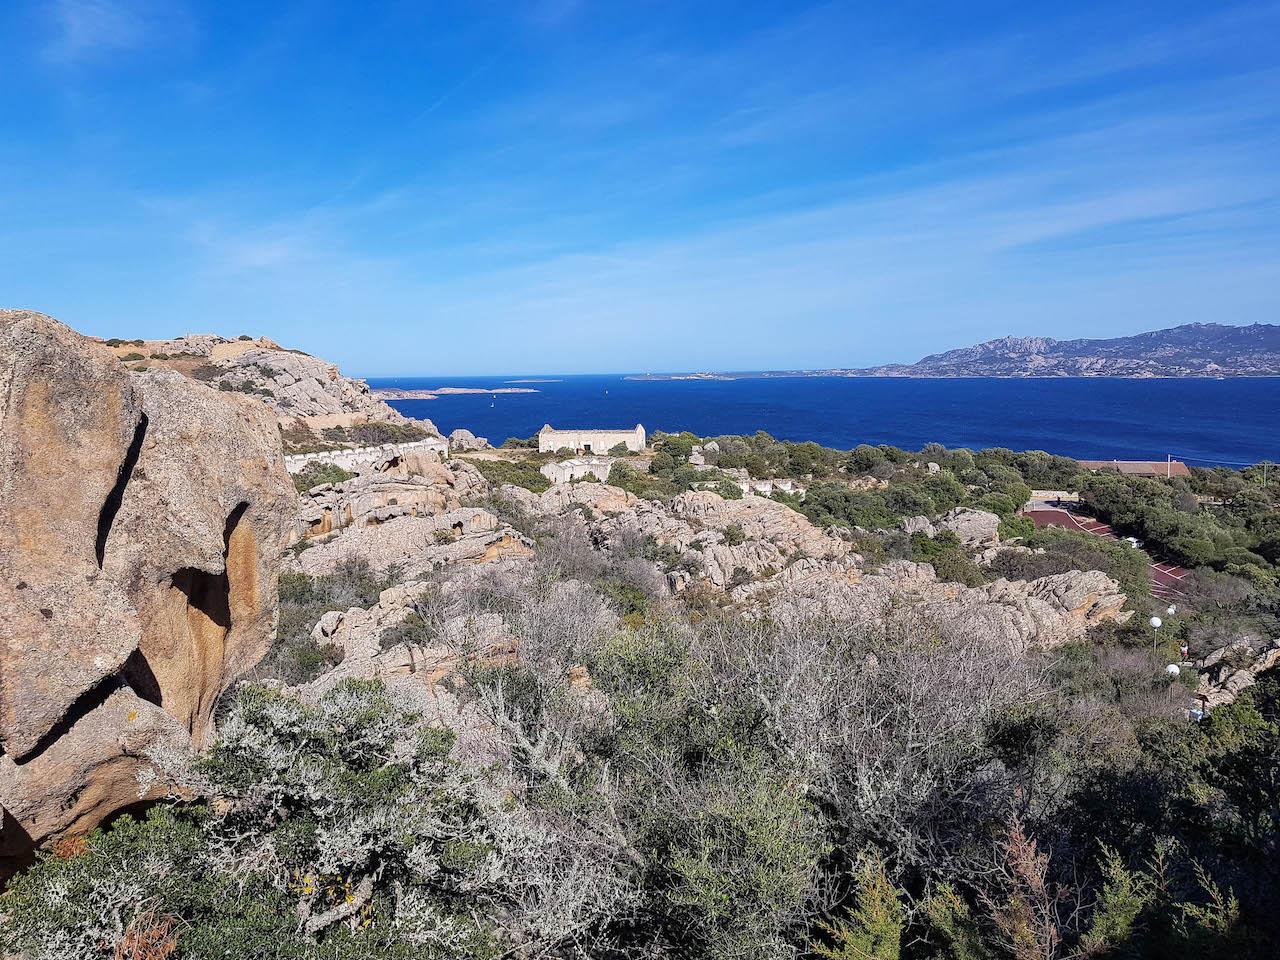 Wunderbare Aussichten auf das Maddalena-Archipel.